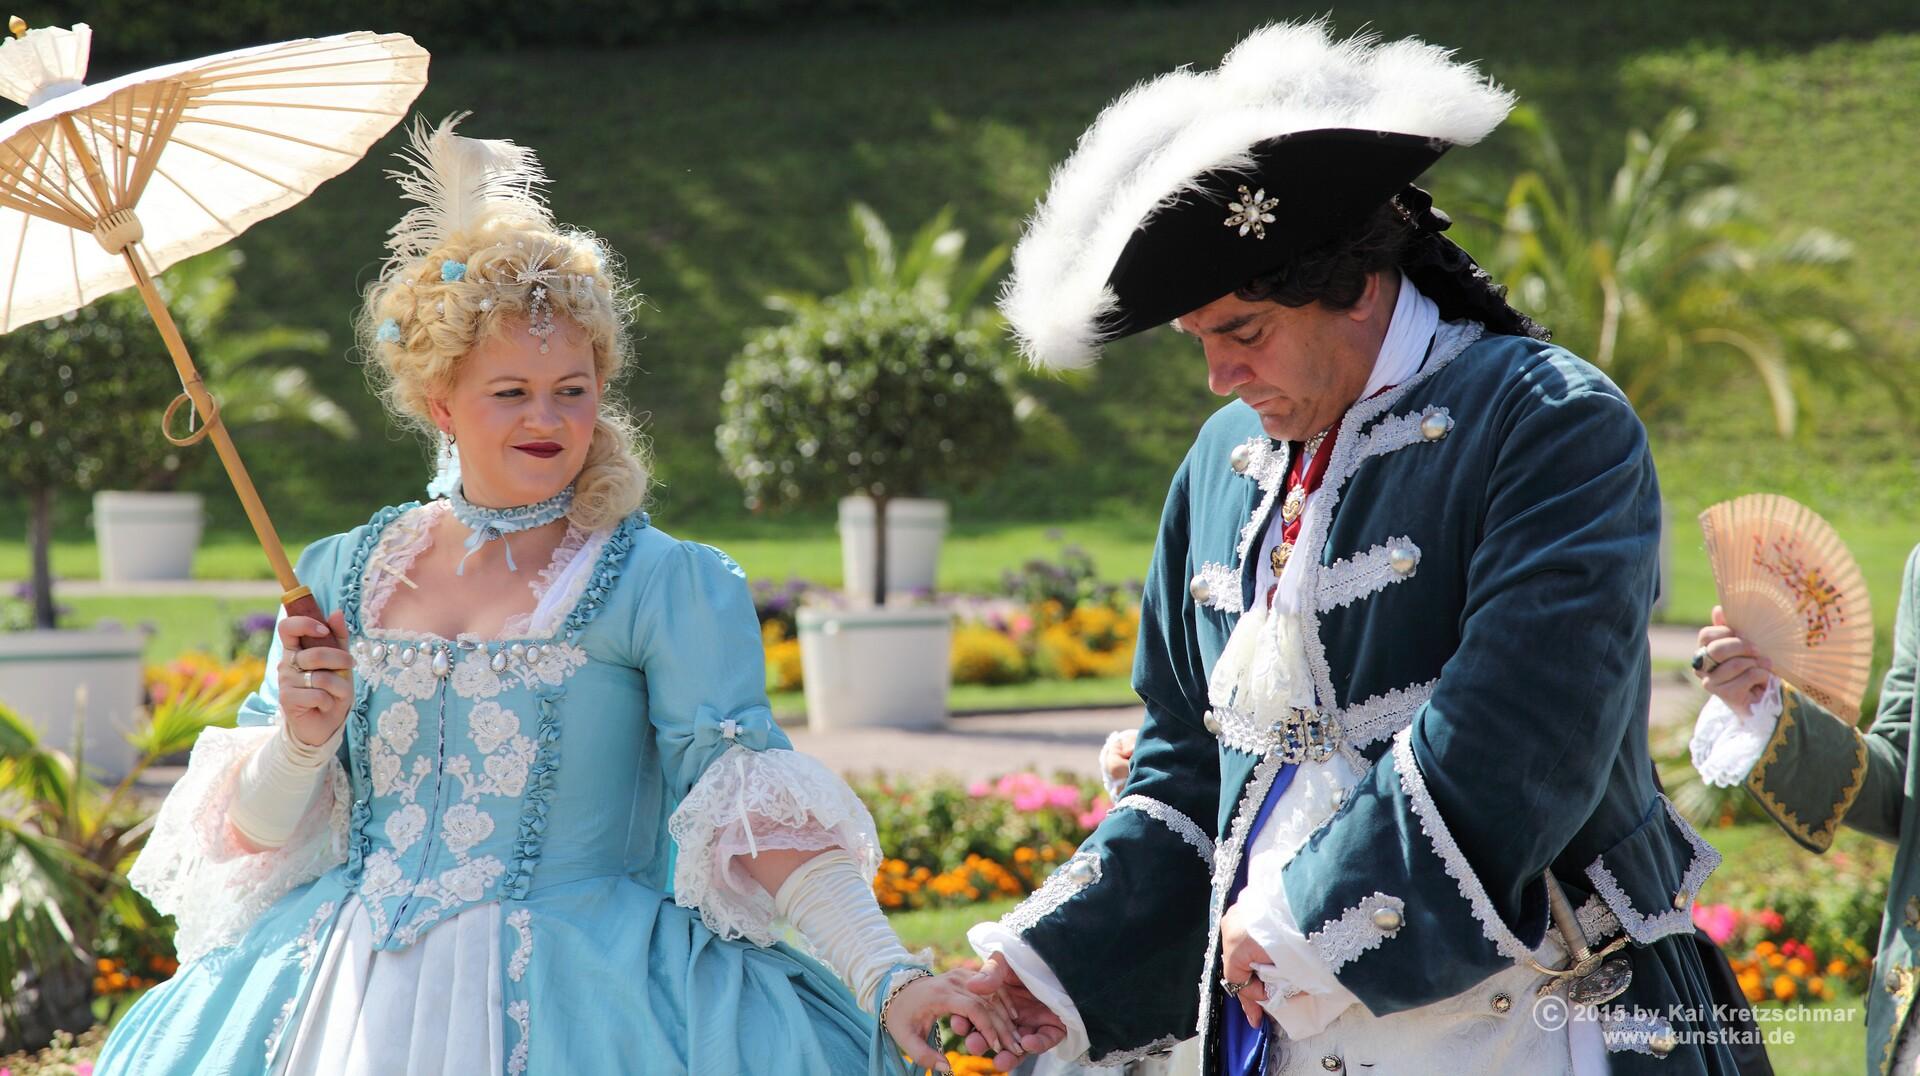 Ihre Hochfürstlichen Durchlauchten beim Lustwandeln in der Orangerie: Herzog Friedrich III. von Sachsen-Gotha-Altenburg und seine Gemahlin Louise Dorotheé